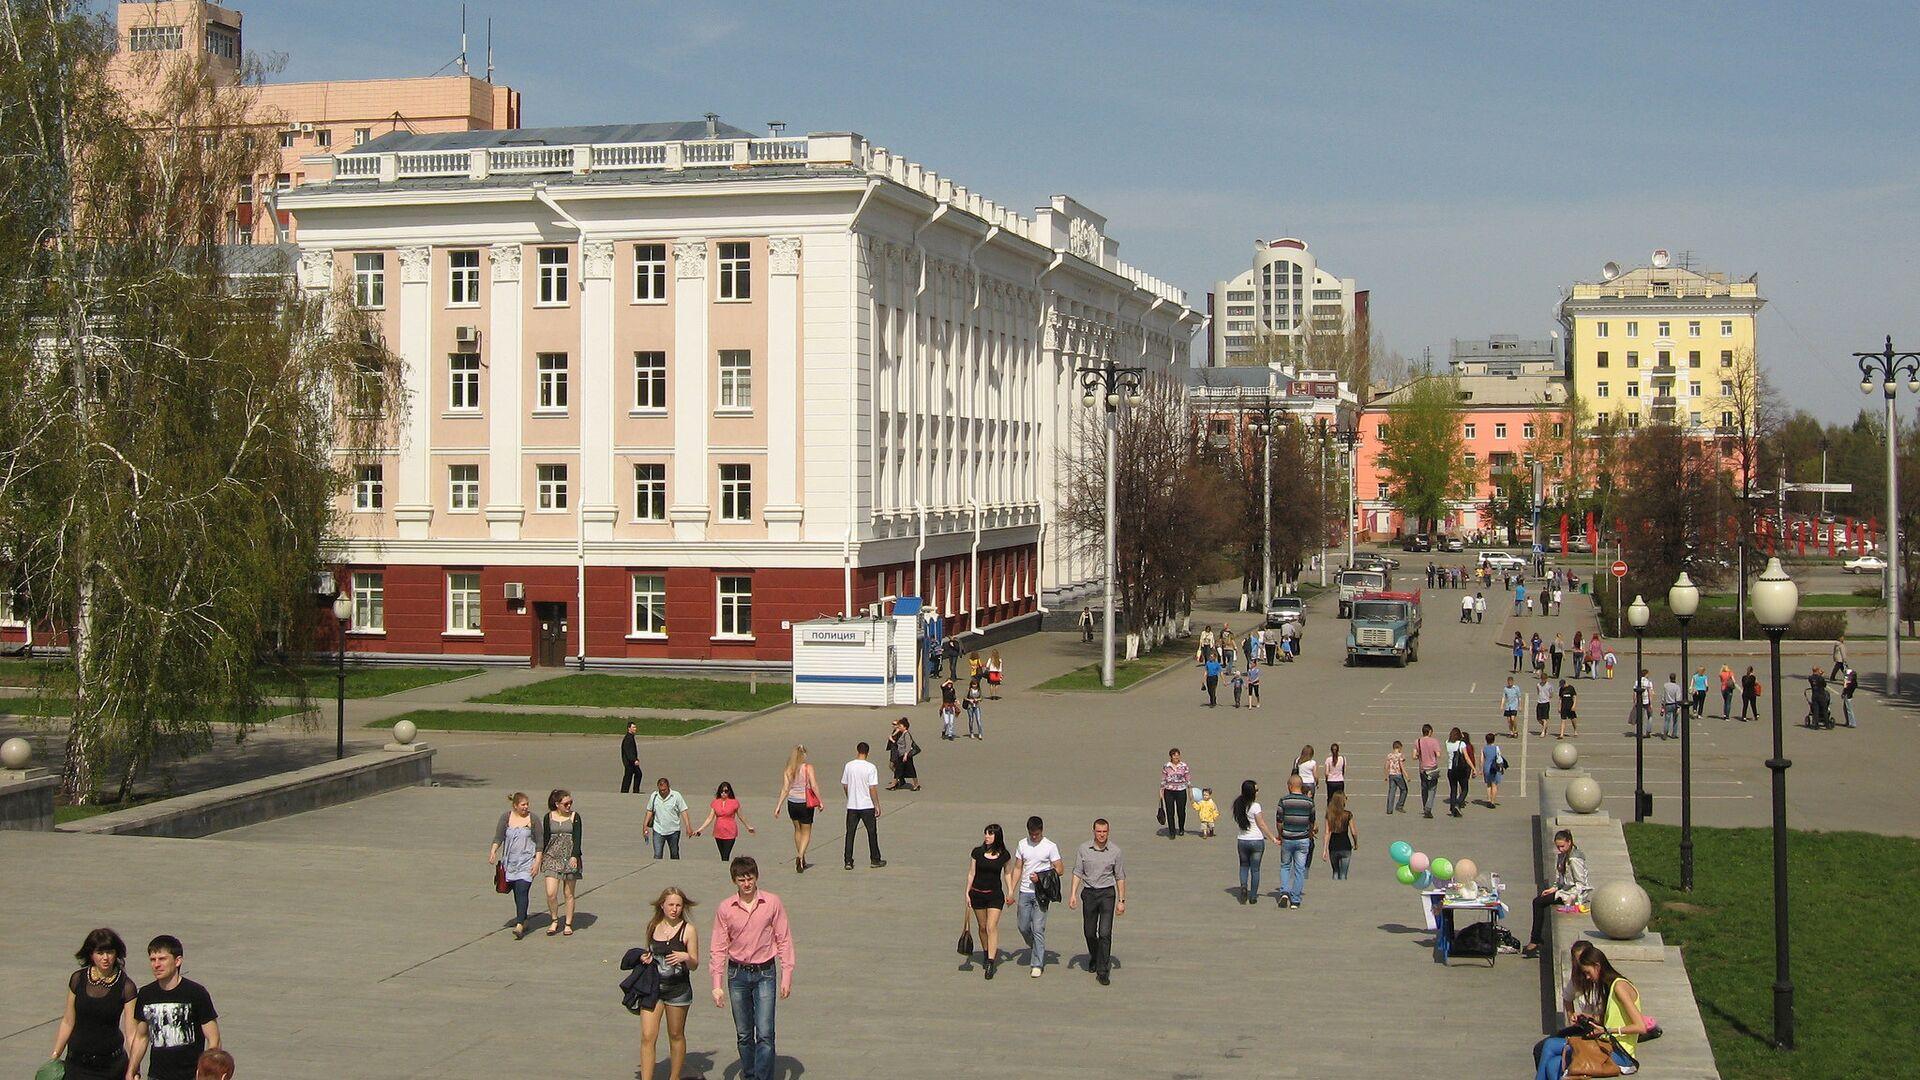 Вид Барнаула - РИА Новости, 1920, 22.03.2021